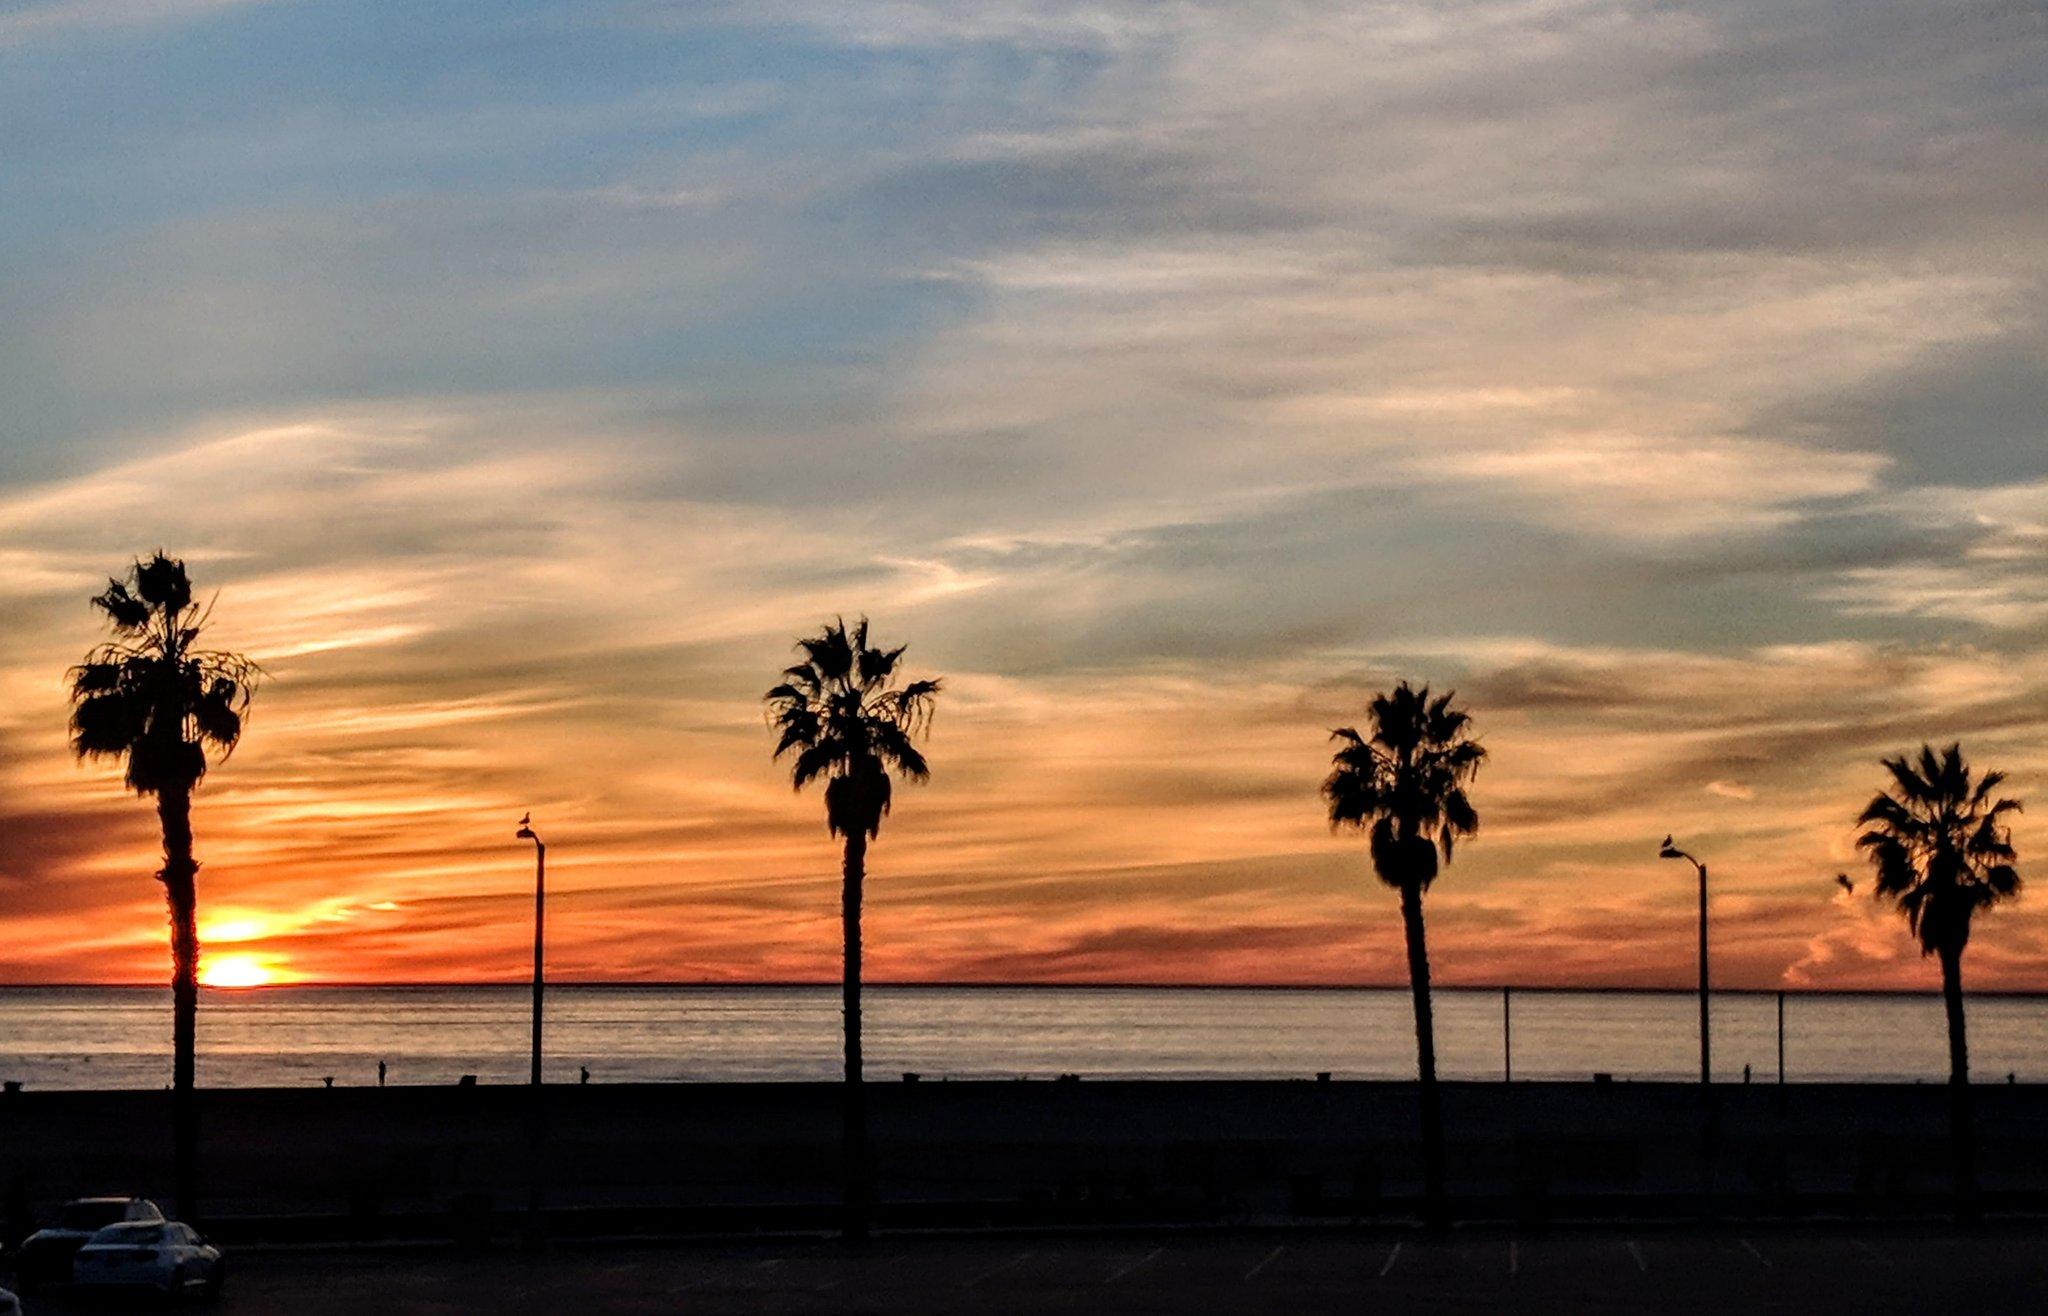 #sunset https://t.co/BGVZZSpUjw